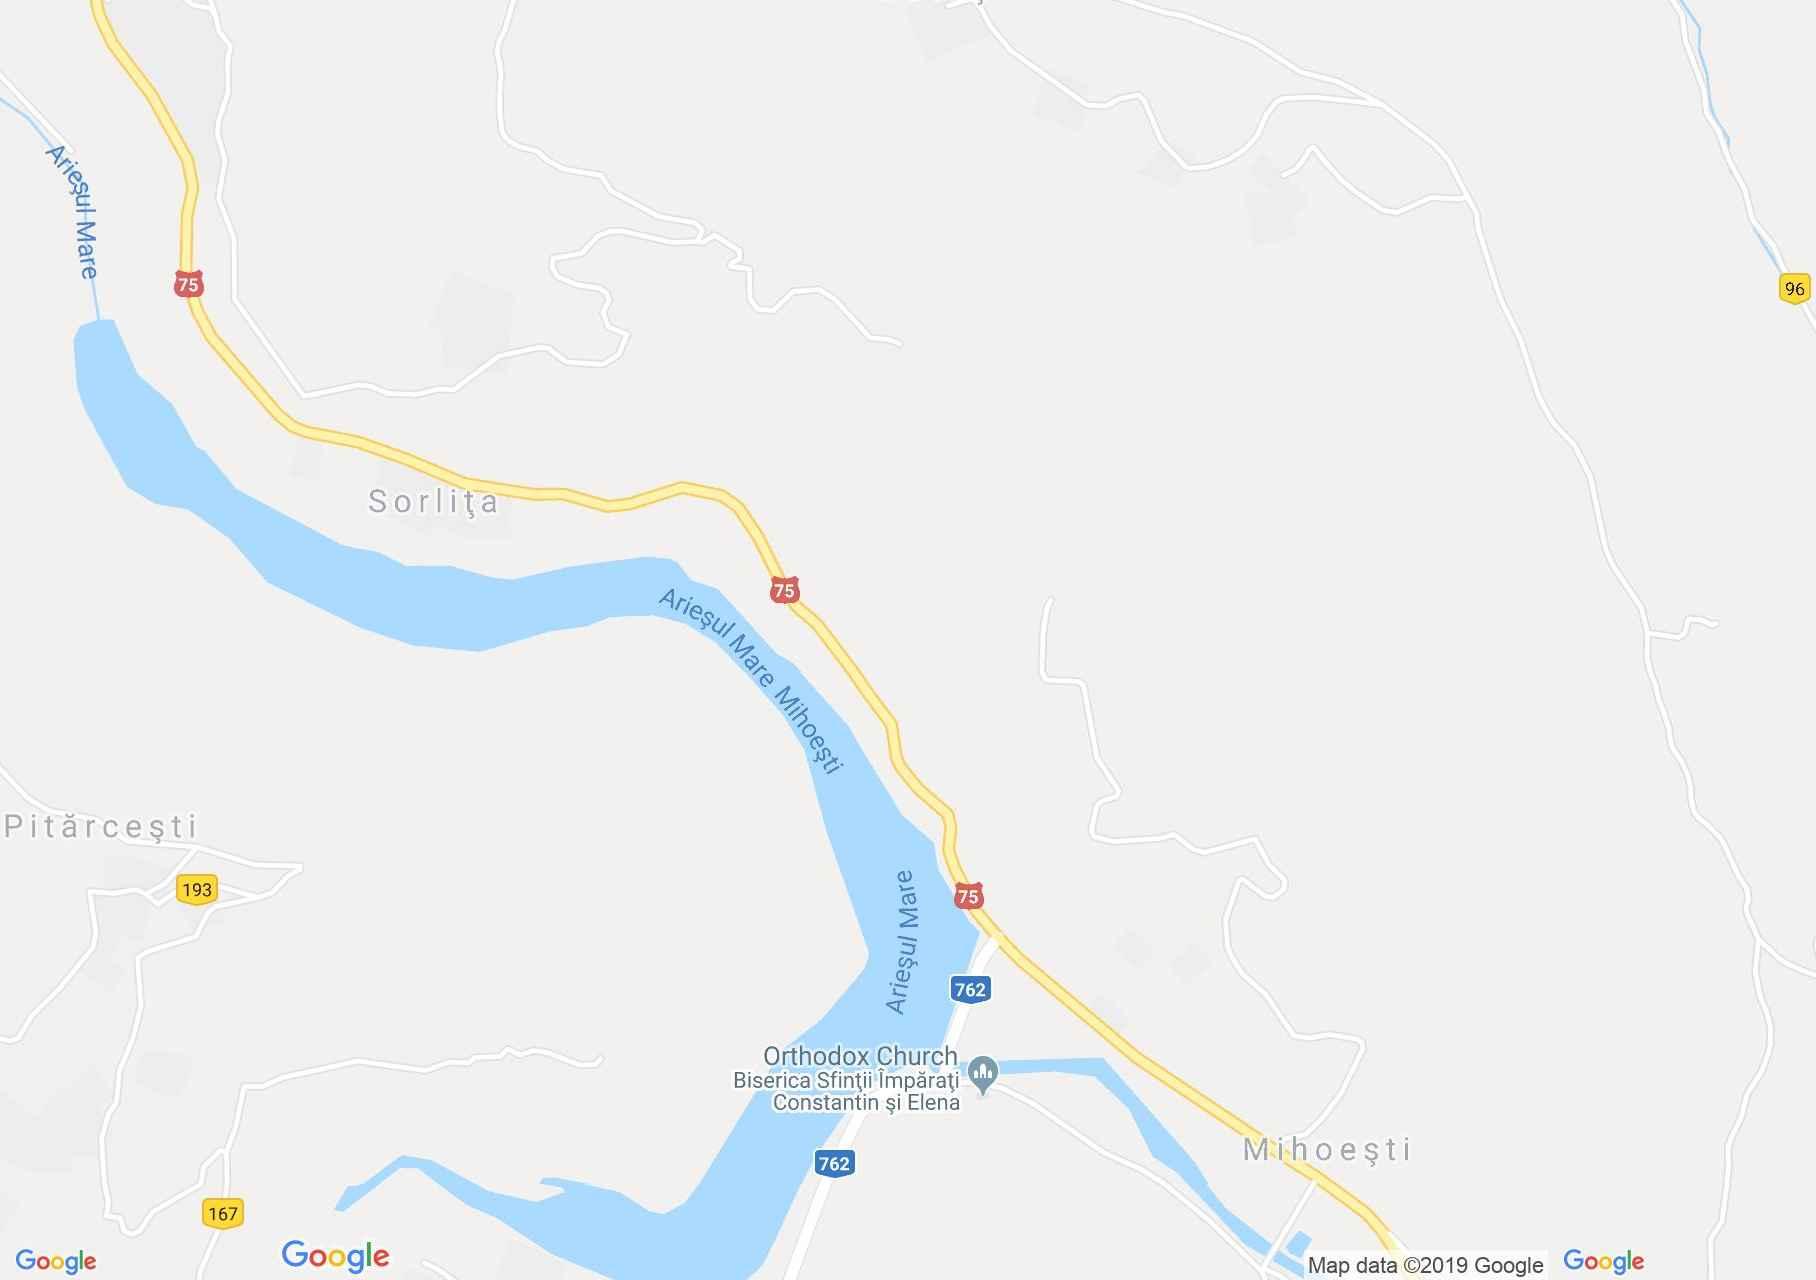 Mihoeşti: A topánfalvi vagy Mihoesti-i víztározó (térkép)